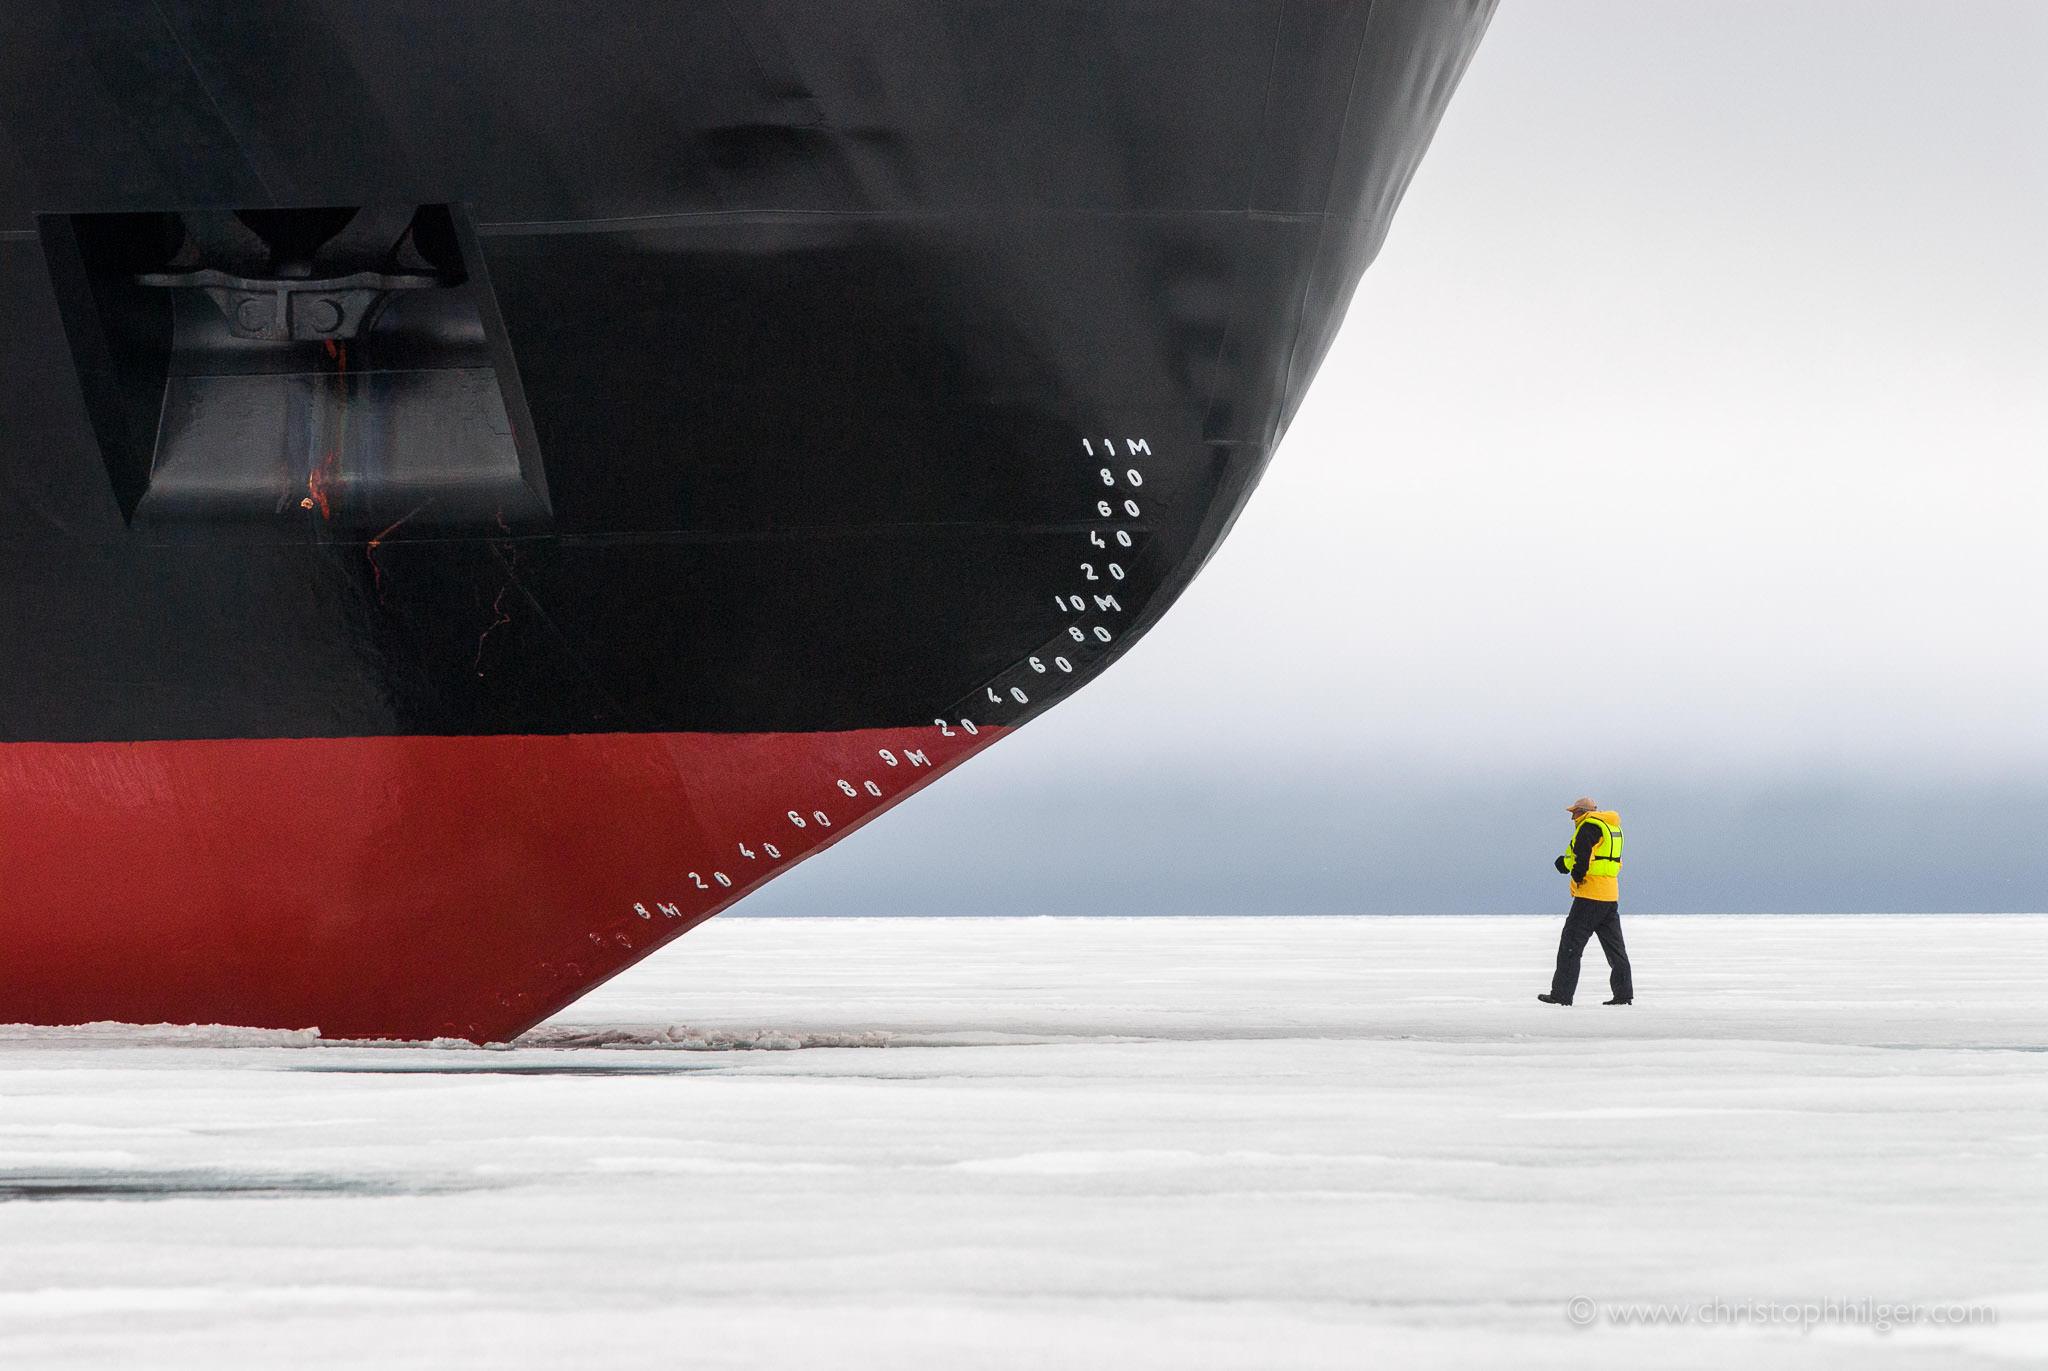 Mensch vor Bug von Eisbrecher in Franz Josef Land